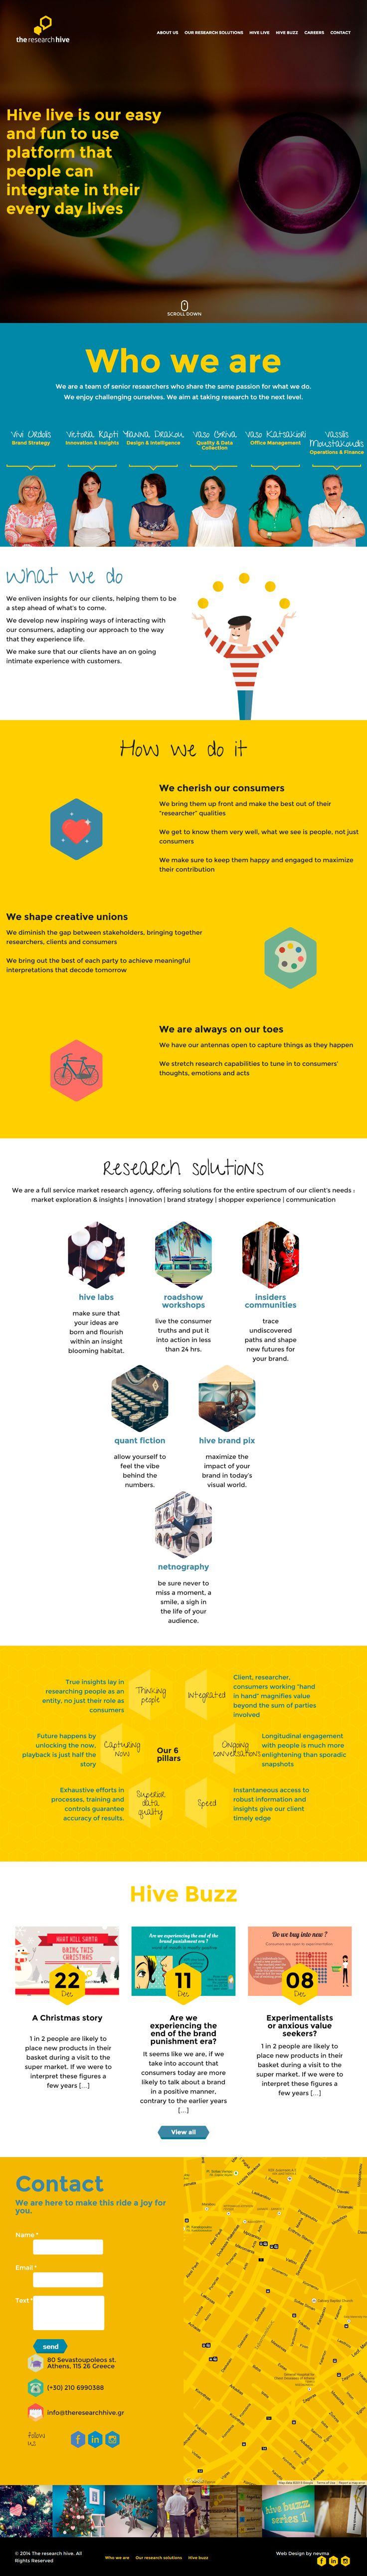 Η Research Hive είναι μια εταιρία παροχής υπηρεσιών στο τομέα της έρευνας αγοράς που καλύπτει όλο το φάσμα των αναγκών των πελατών όπως καινοτομία, αγοραστική εμπειρία και επικοινωνία. Δημιουργήσαμε την ιστοσελίδα της Reasearch Hive χρησιμοποιώντας πρωτότυπο design, φωτεινά χρώματα και φωτογραφίες. Η ιστοσελίδα είναι αποκλειστικά στην αγγλική γλώσσα και παρέχει πλούσιες πληροφορίες για το προφίλ της ομάδας της Research Hive. www.theresearchhive.gr